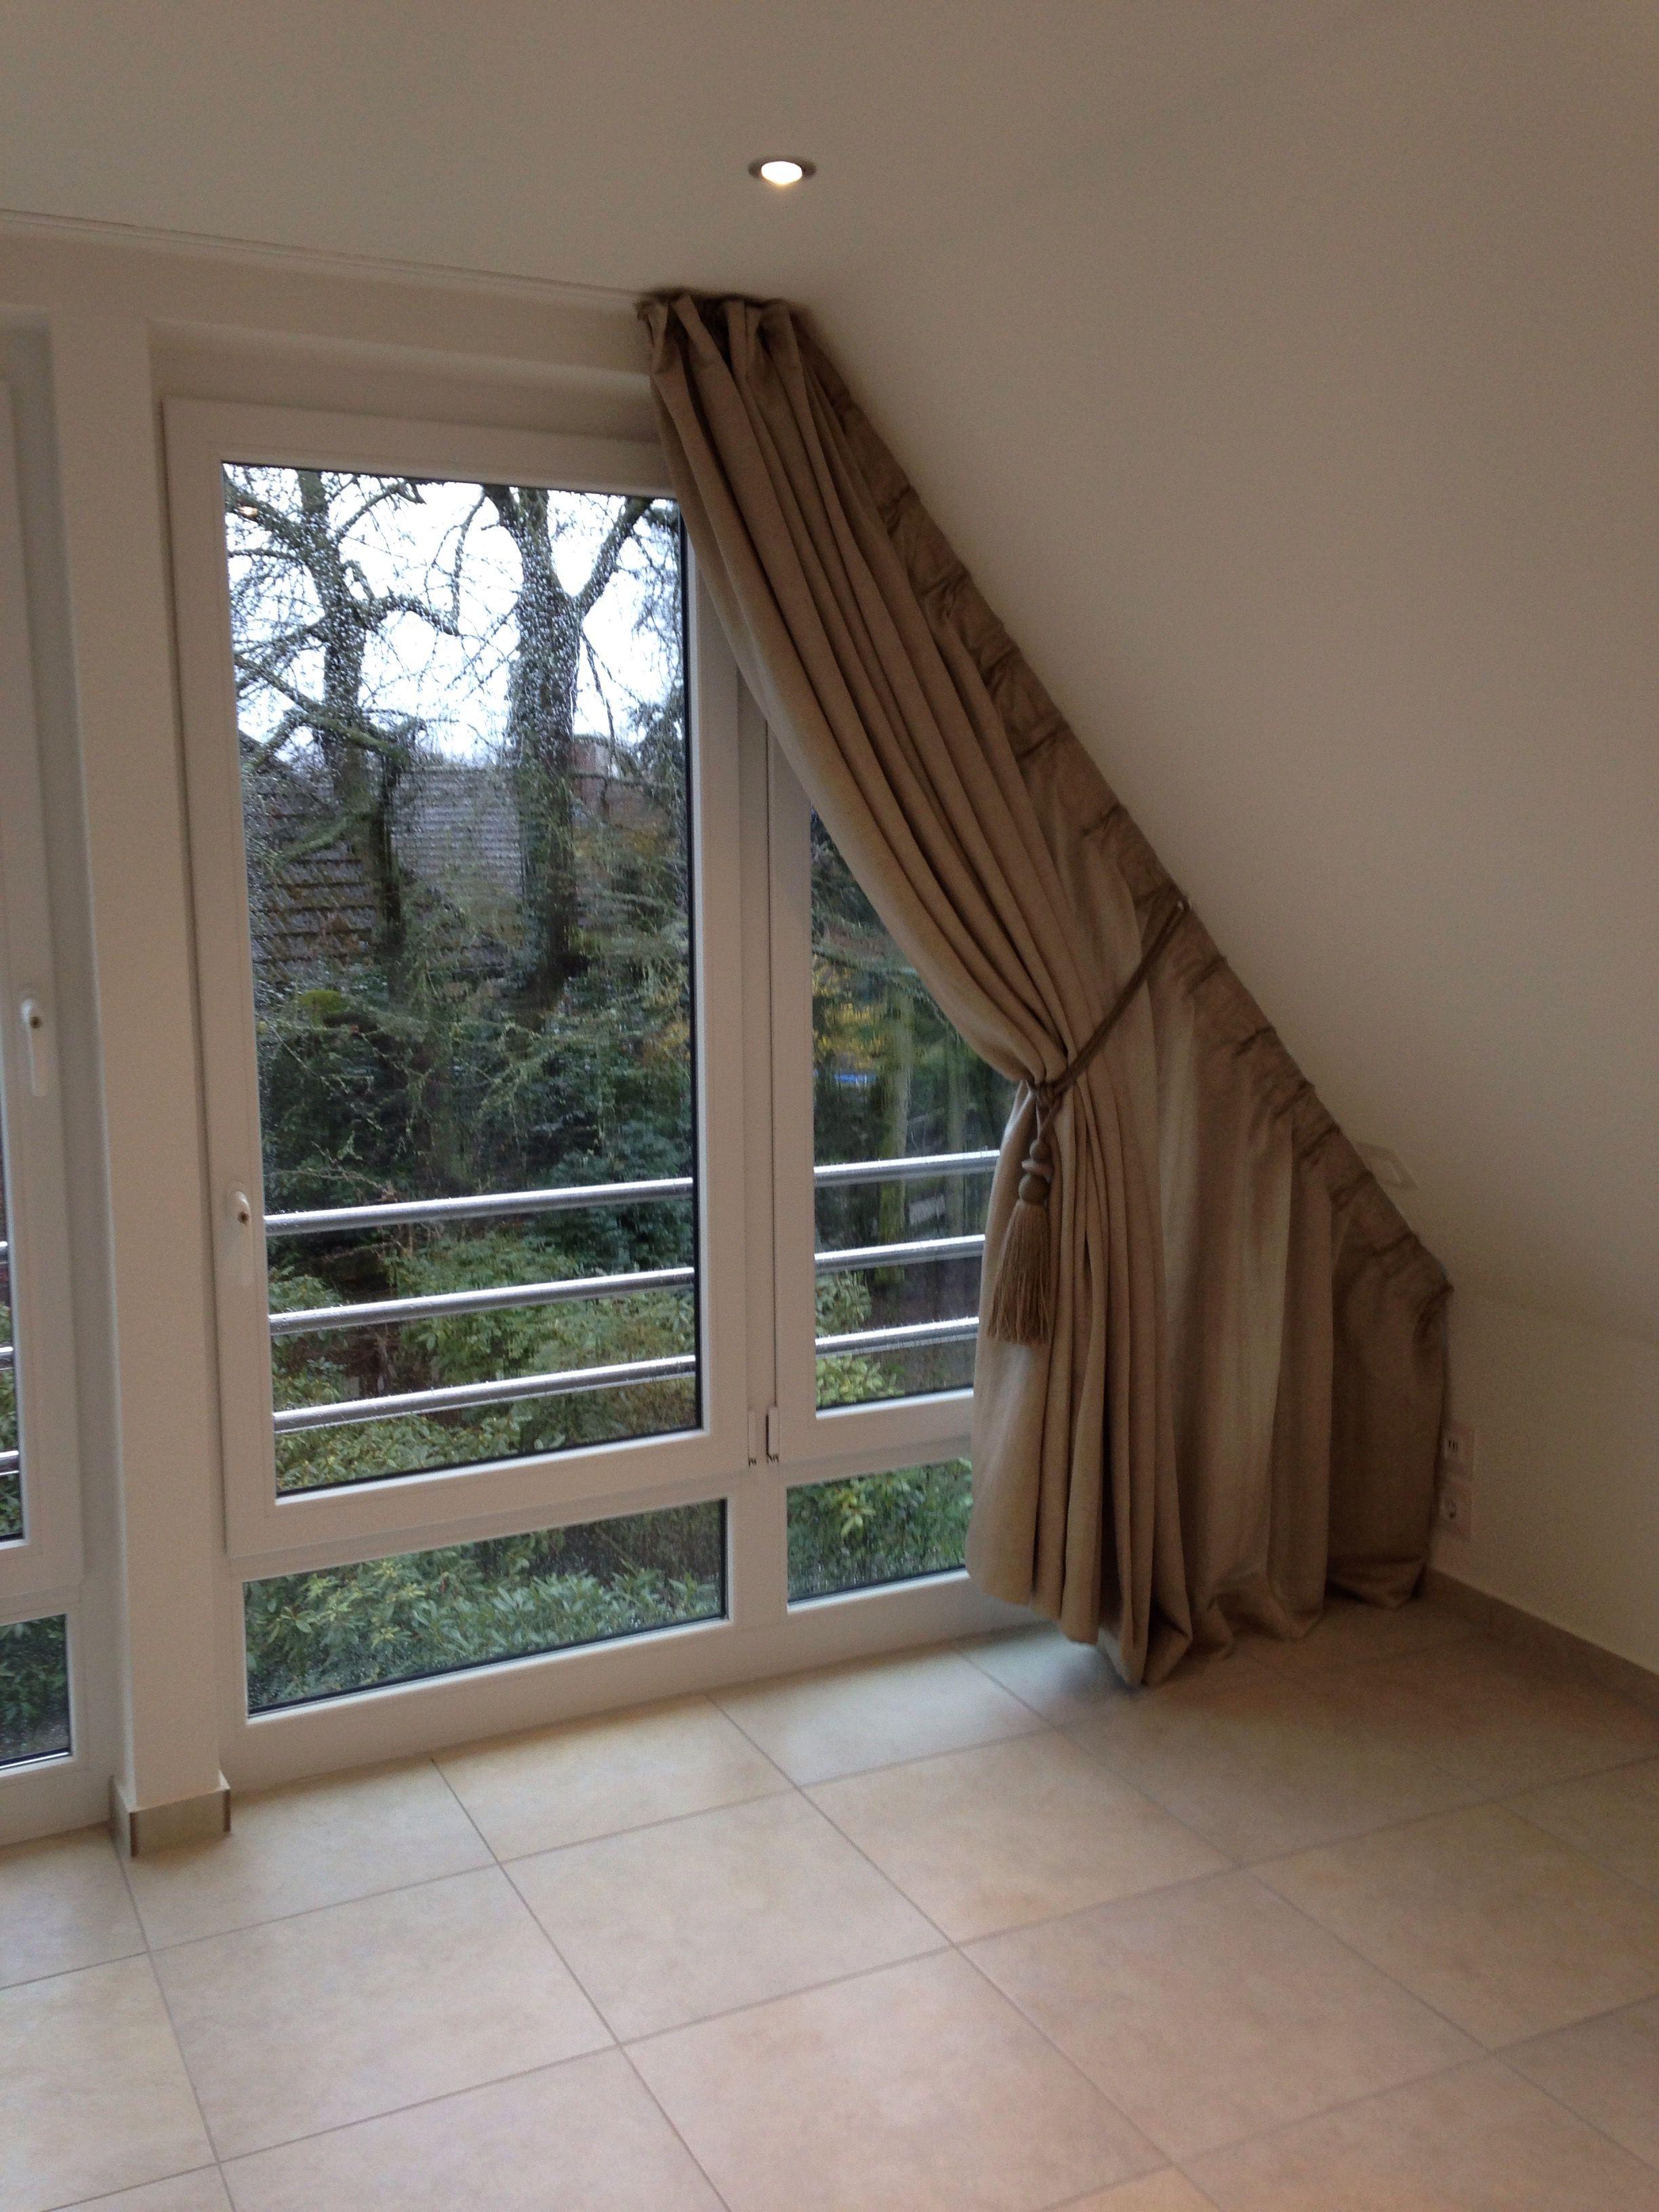 fenster gardinen tipps wir bekommen auch an ihre dachschr ge einen vorhang dran. Black Bedroom Furniture Sets. Home Design Ideas